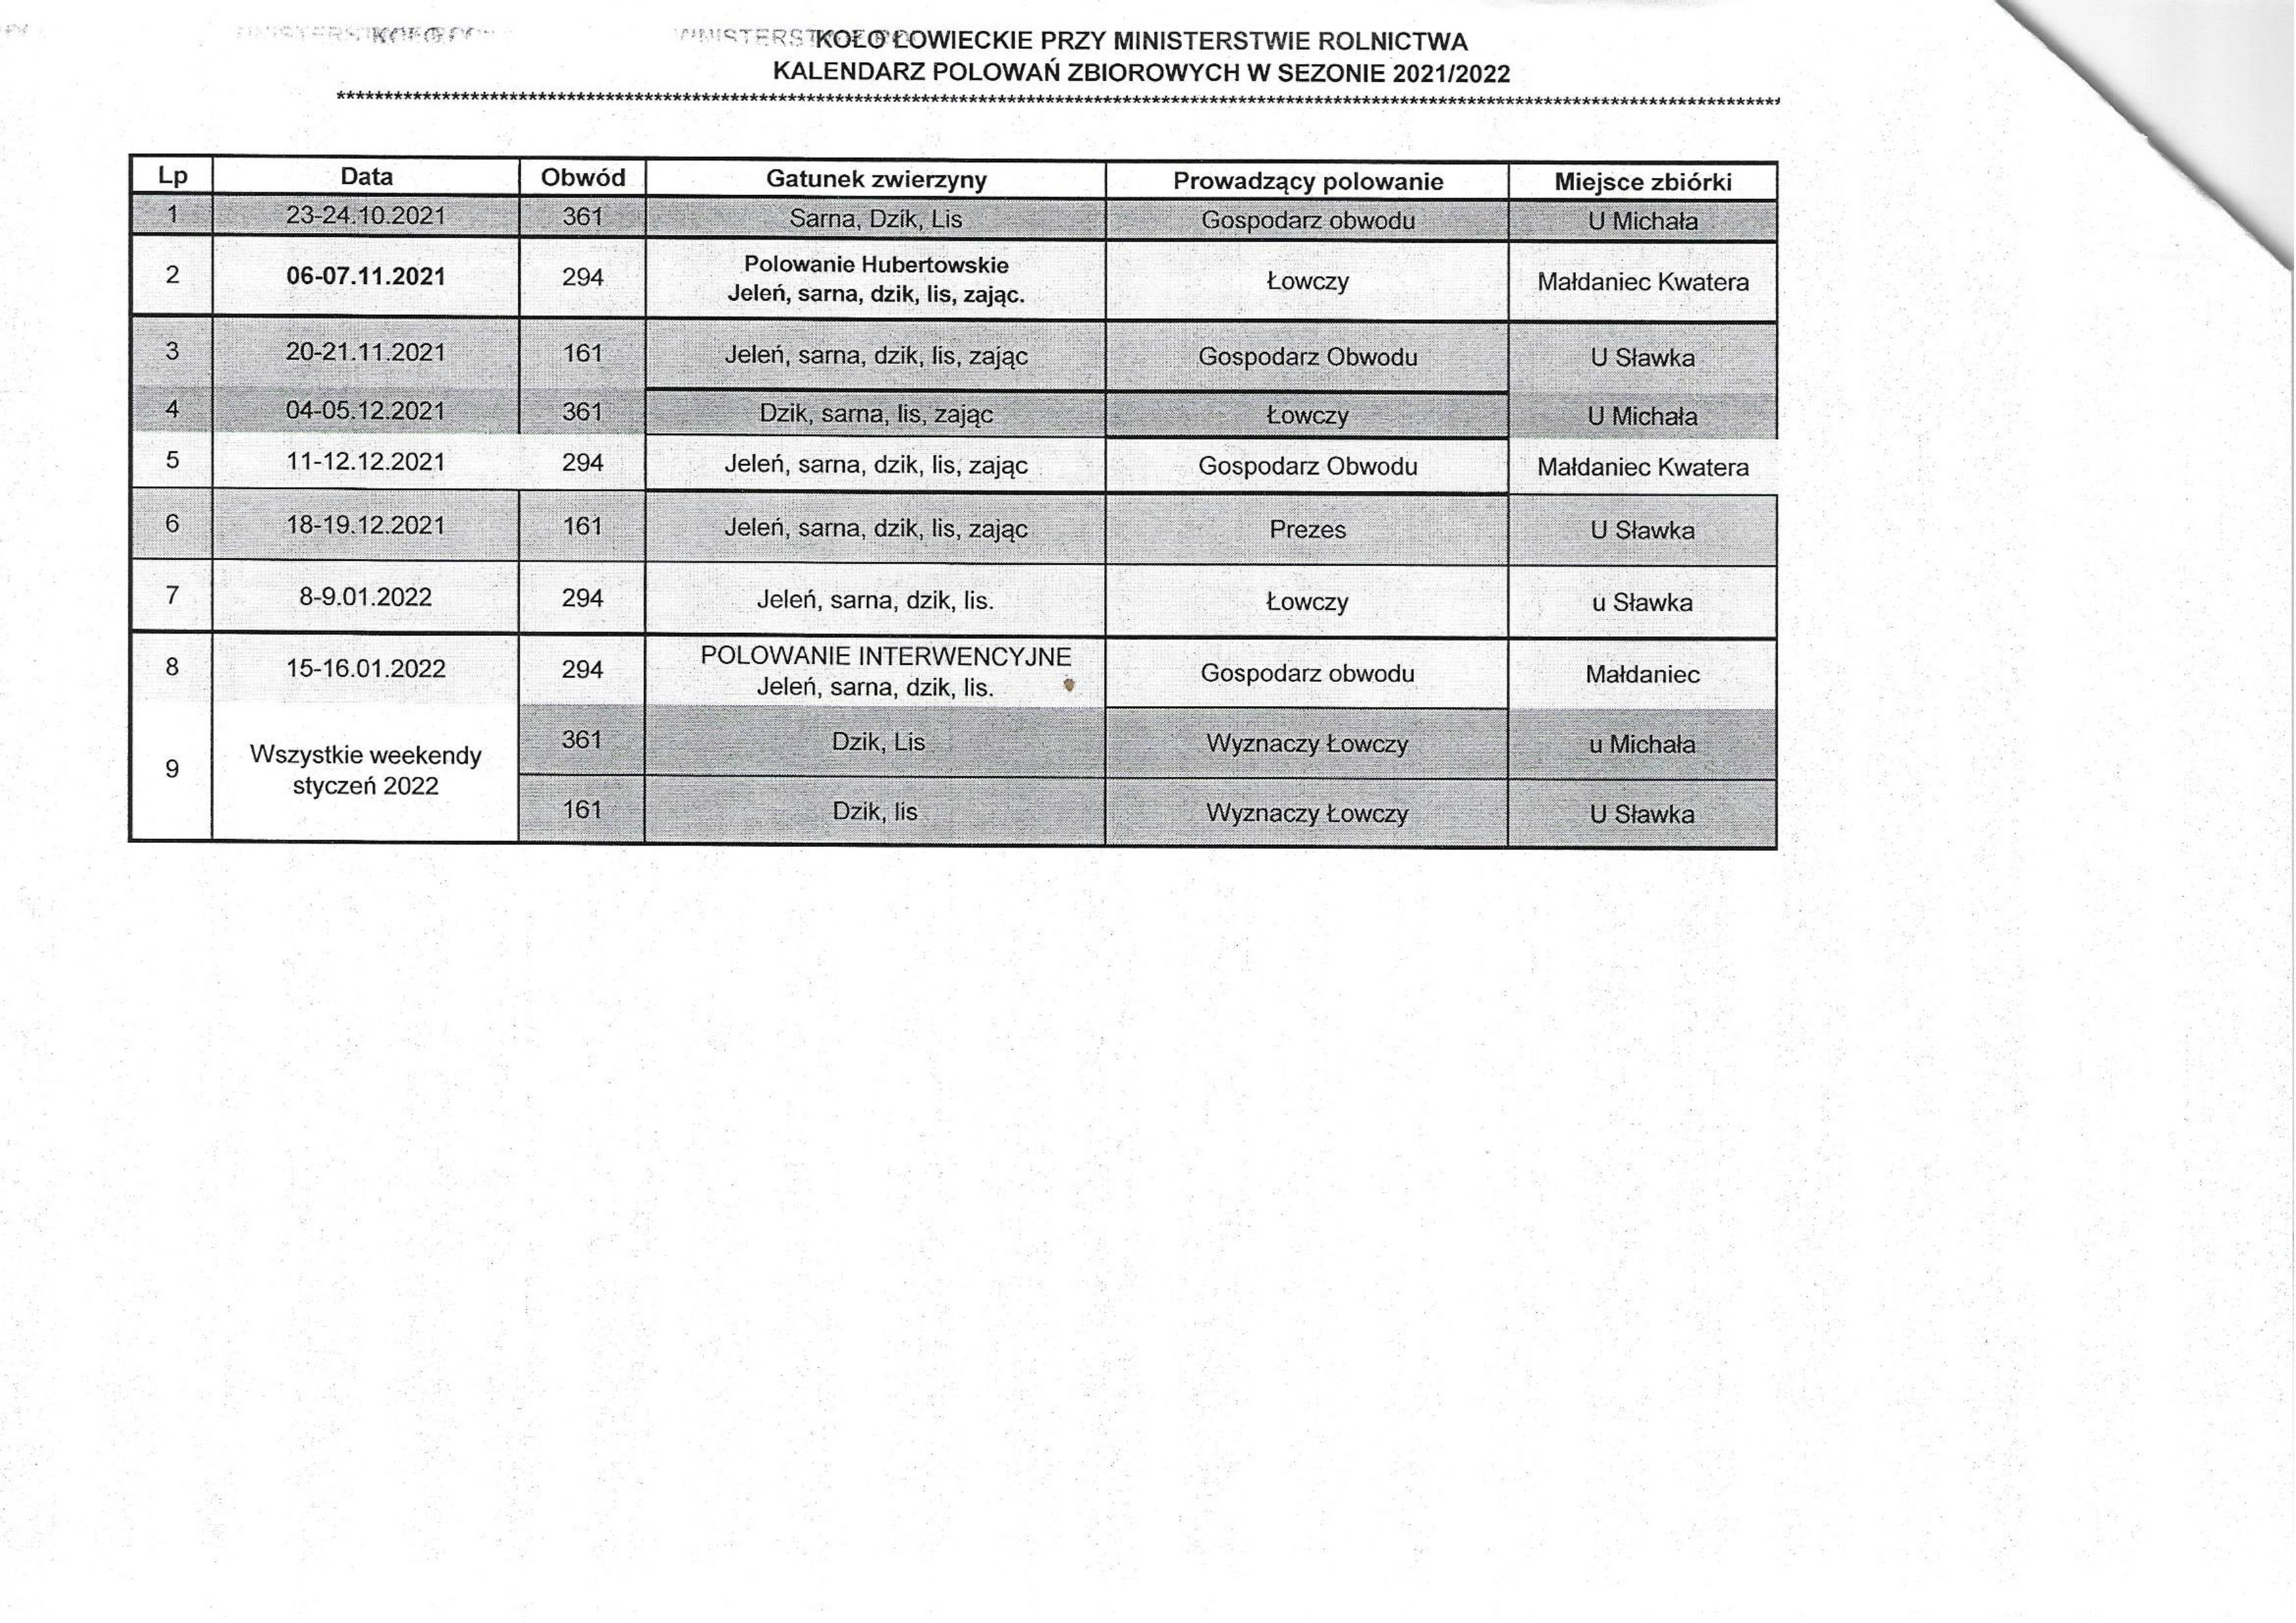 tabela z terminami polowań dostarczana listownie przez koło łowieckie